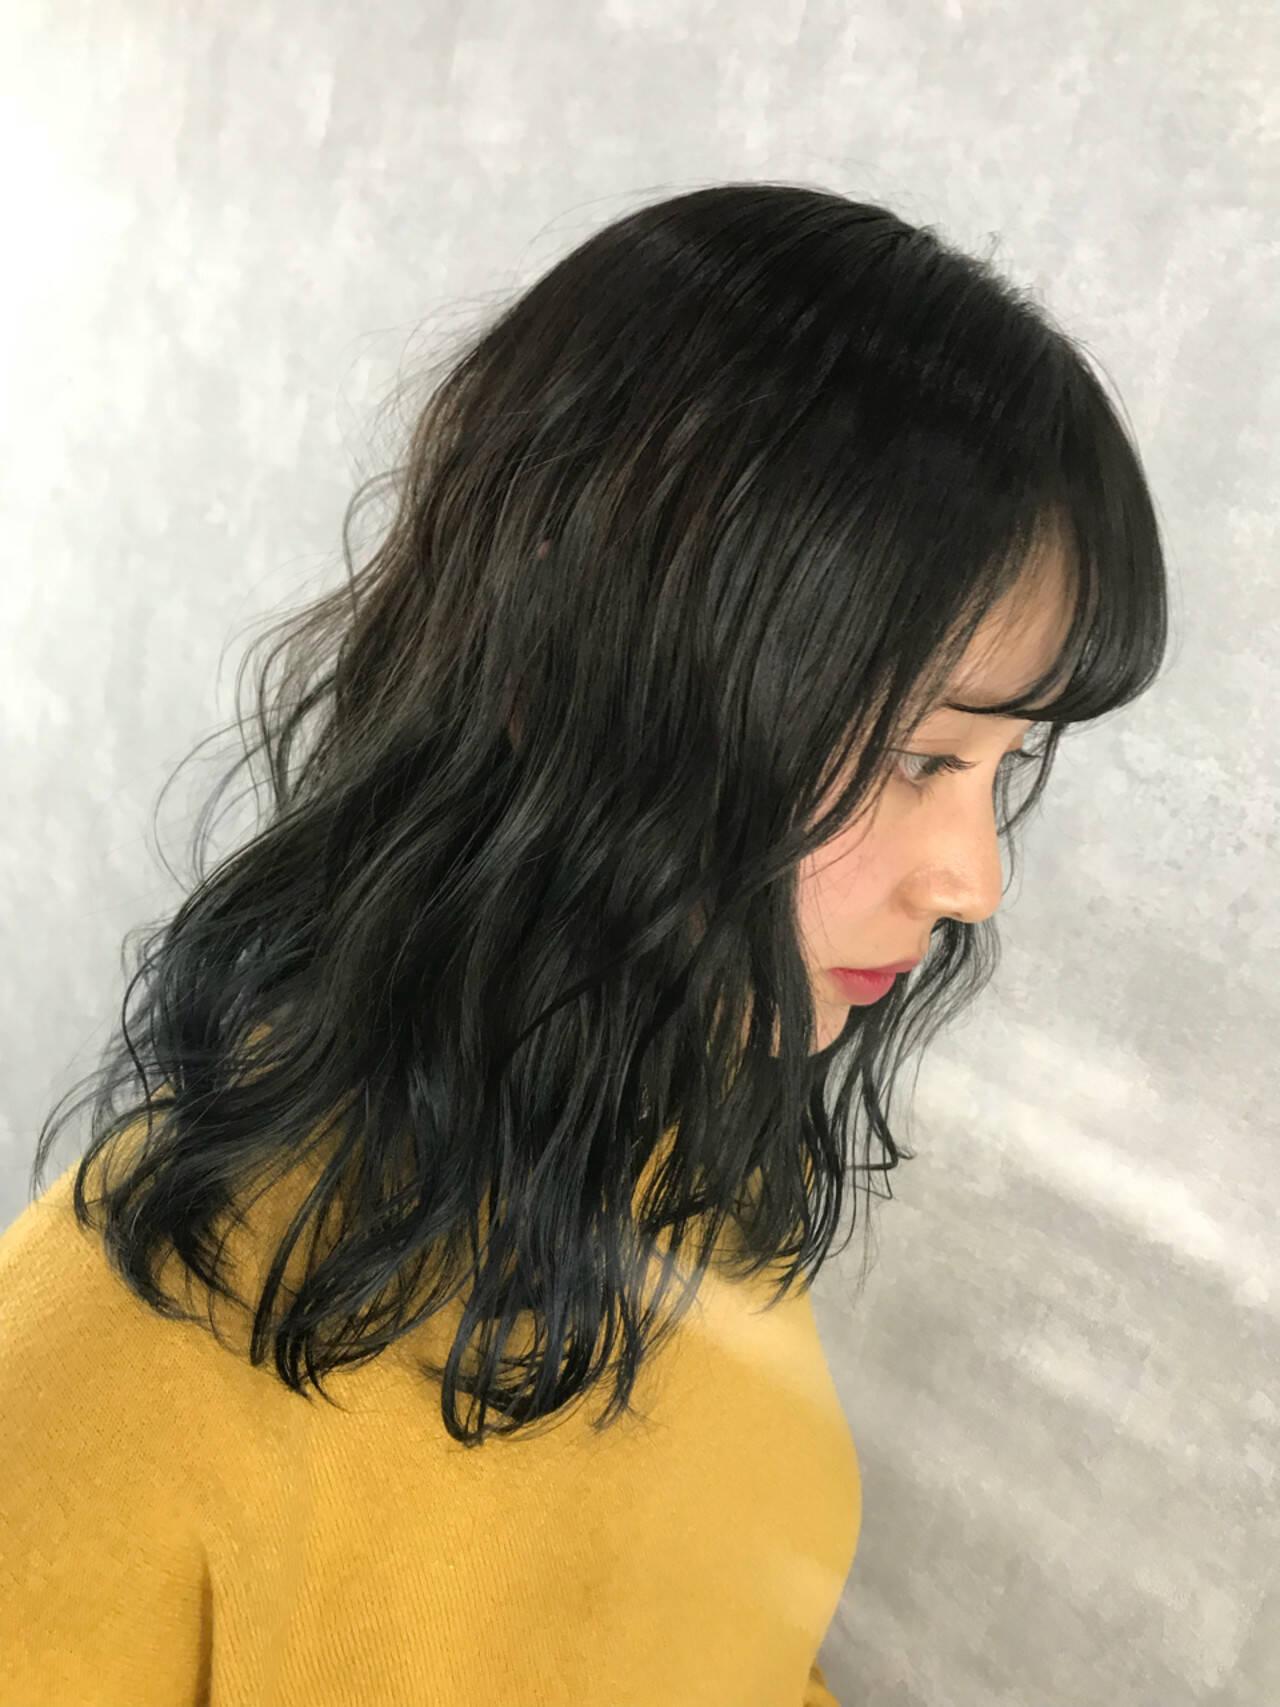 グラデーションカラー インナーカラー ハイライト ストリートヘアスタイルや髪型の写真・画像